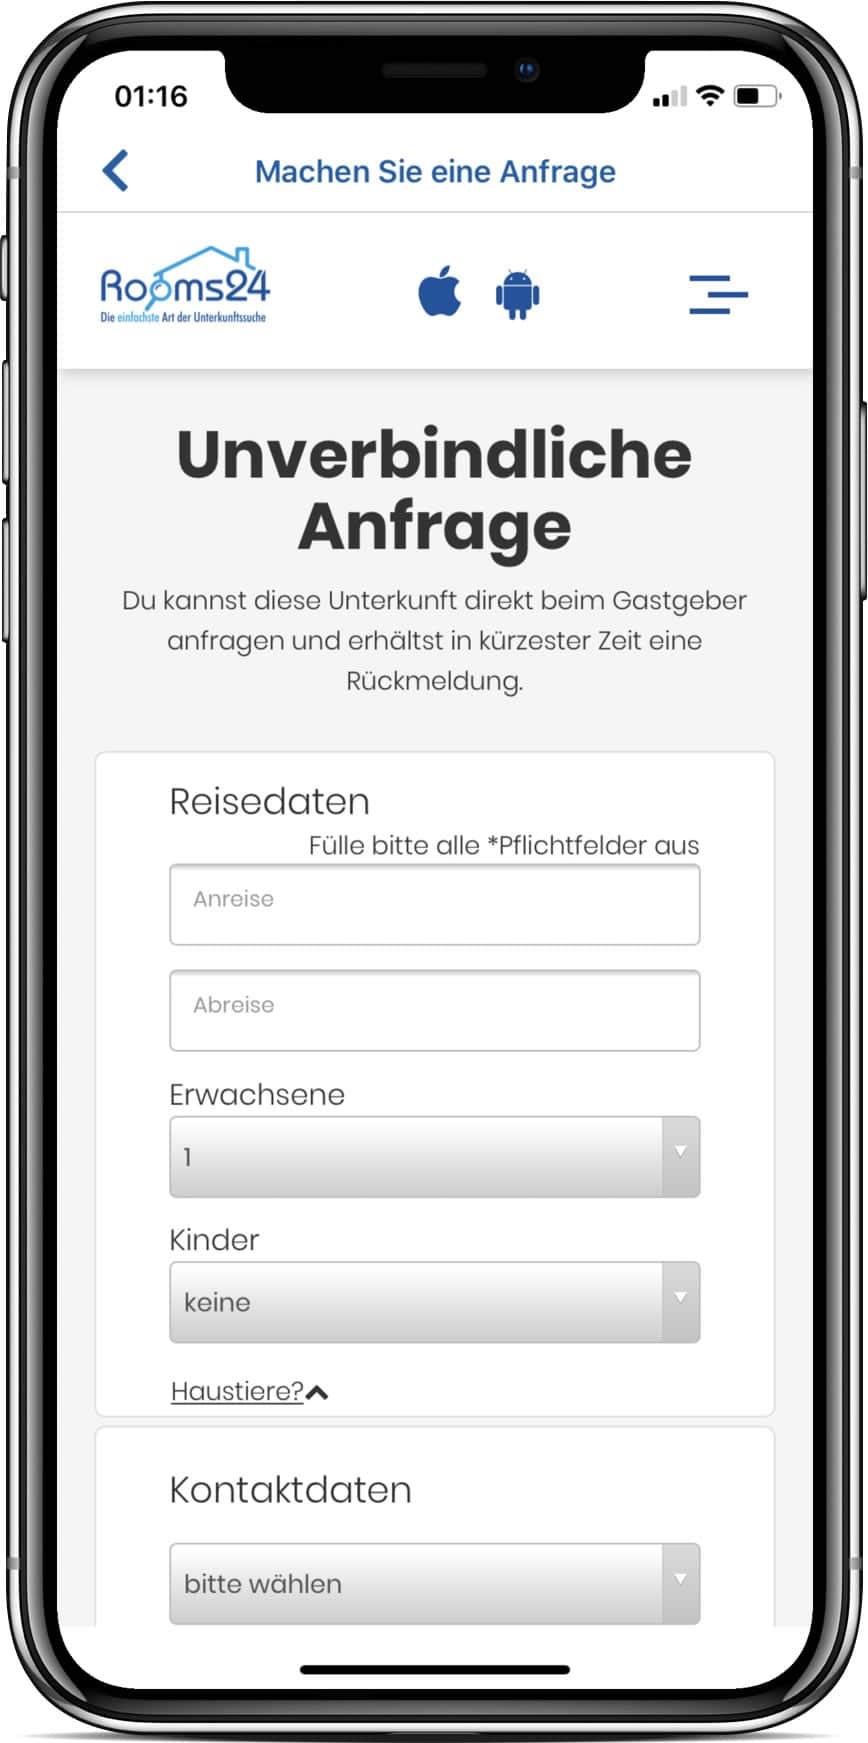 Entwicklung-der-mobilen-App-für-Ferienhäuser-6-1